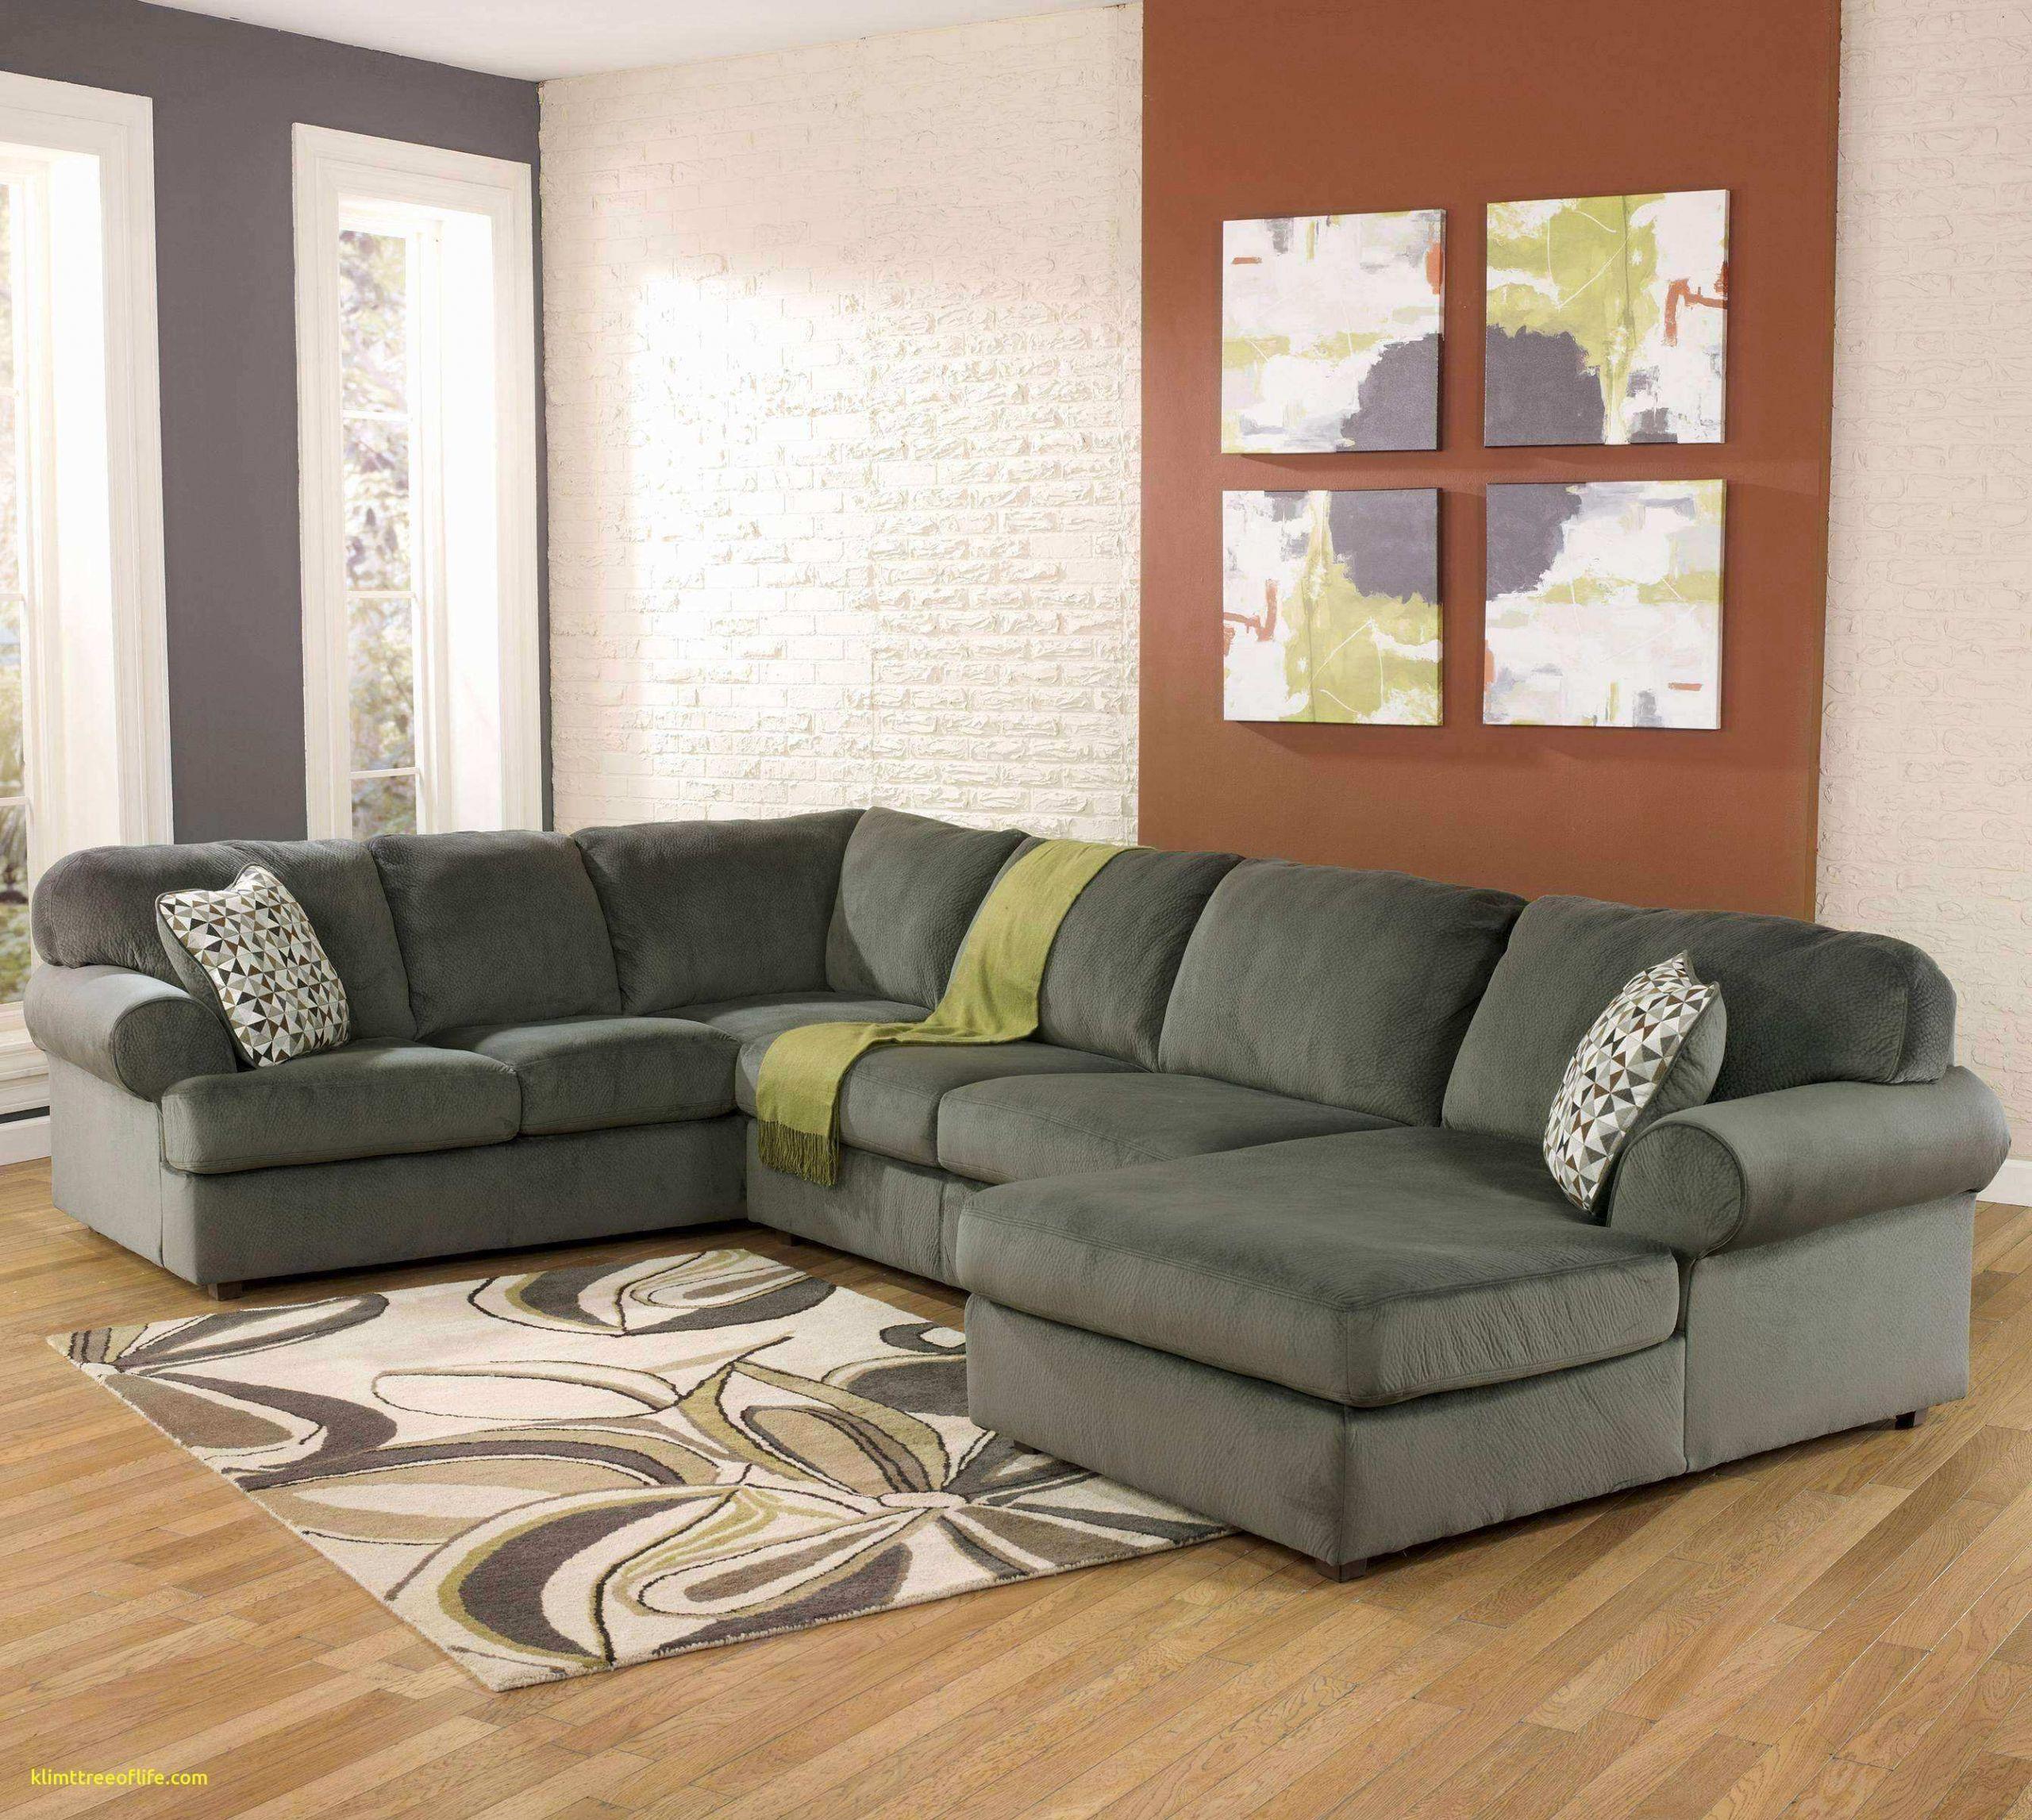 moderne garten lounge awesome terrasse sofa awesome bequeme sofa 0d planen von gunstig sofa kaufen of gunstig sofa kaufen